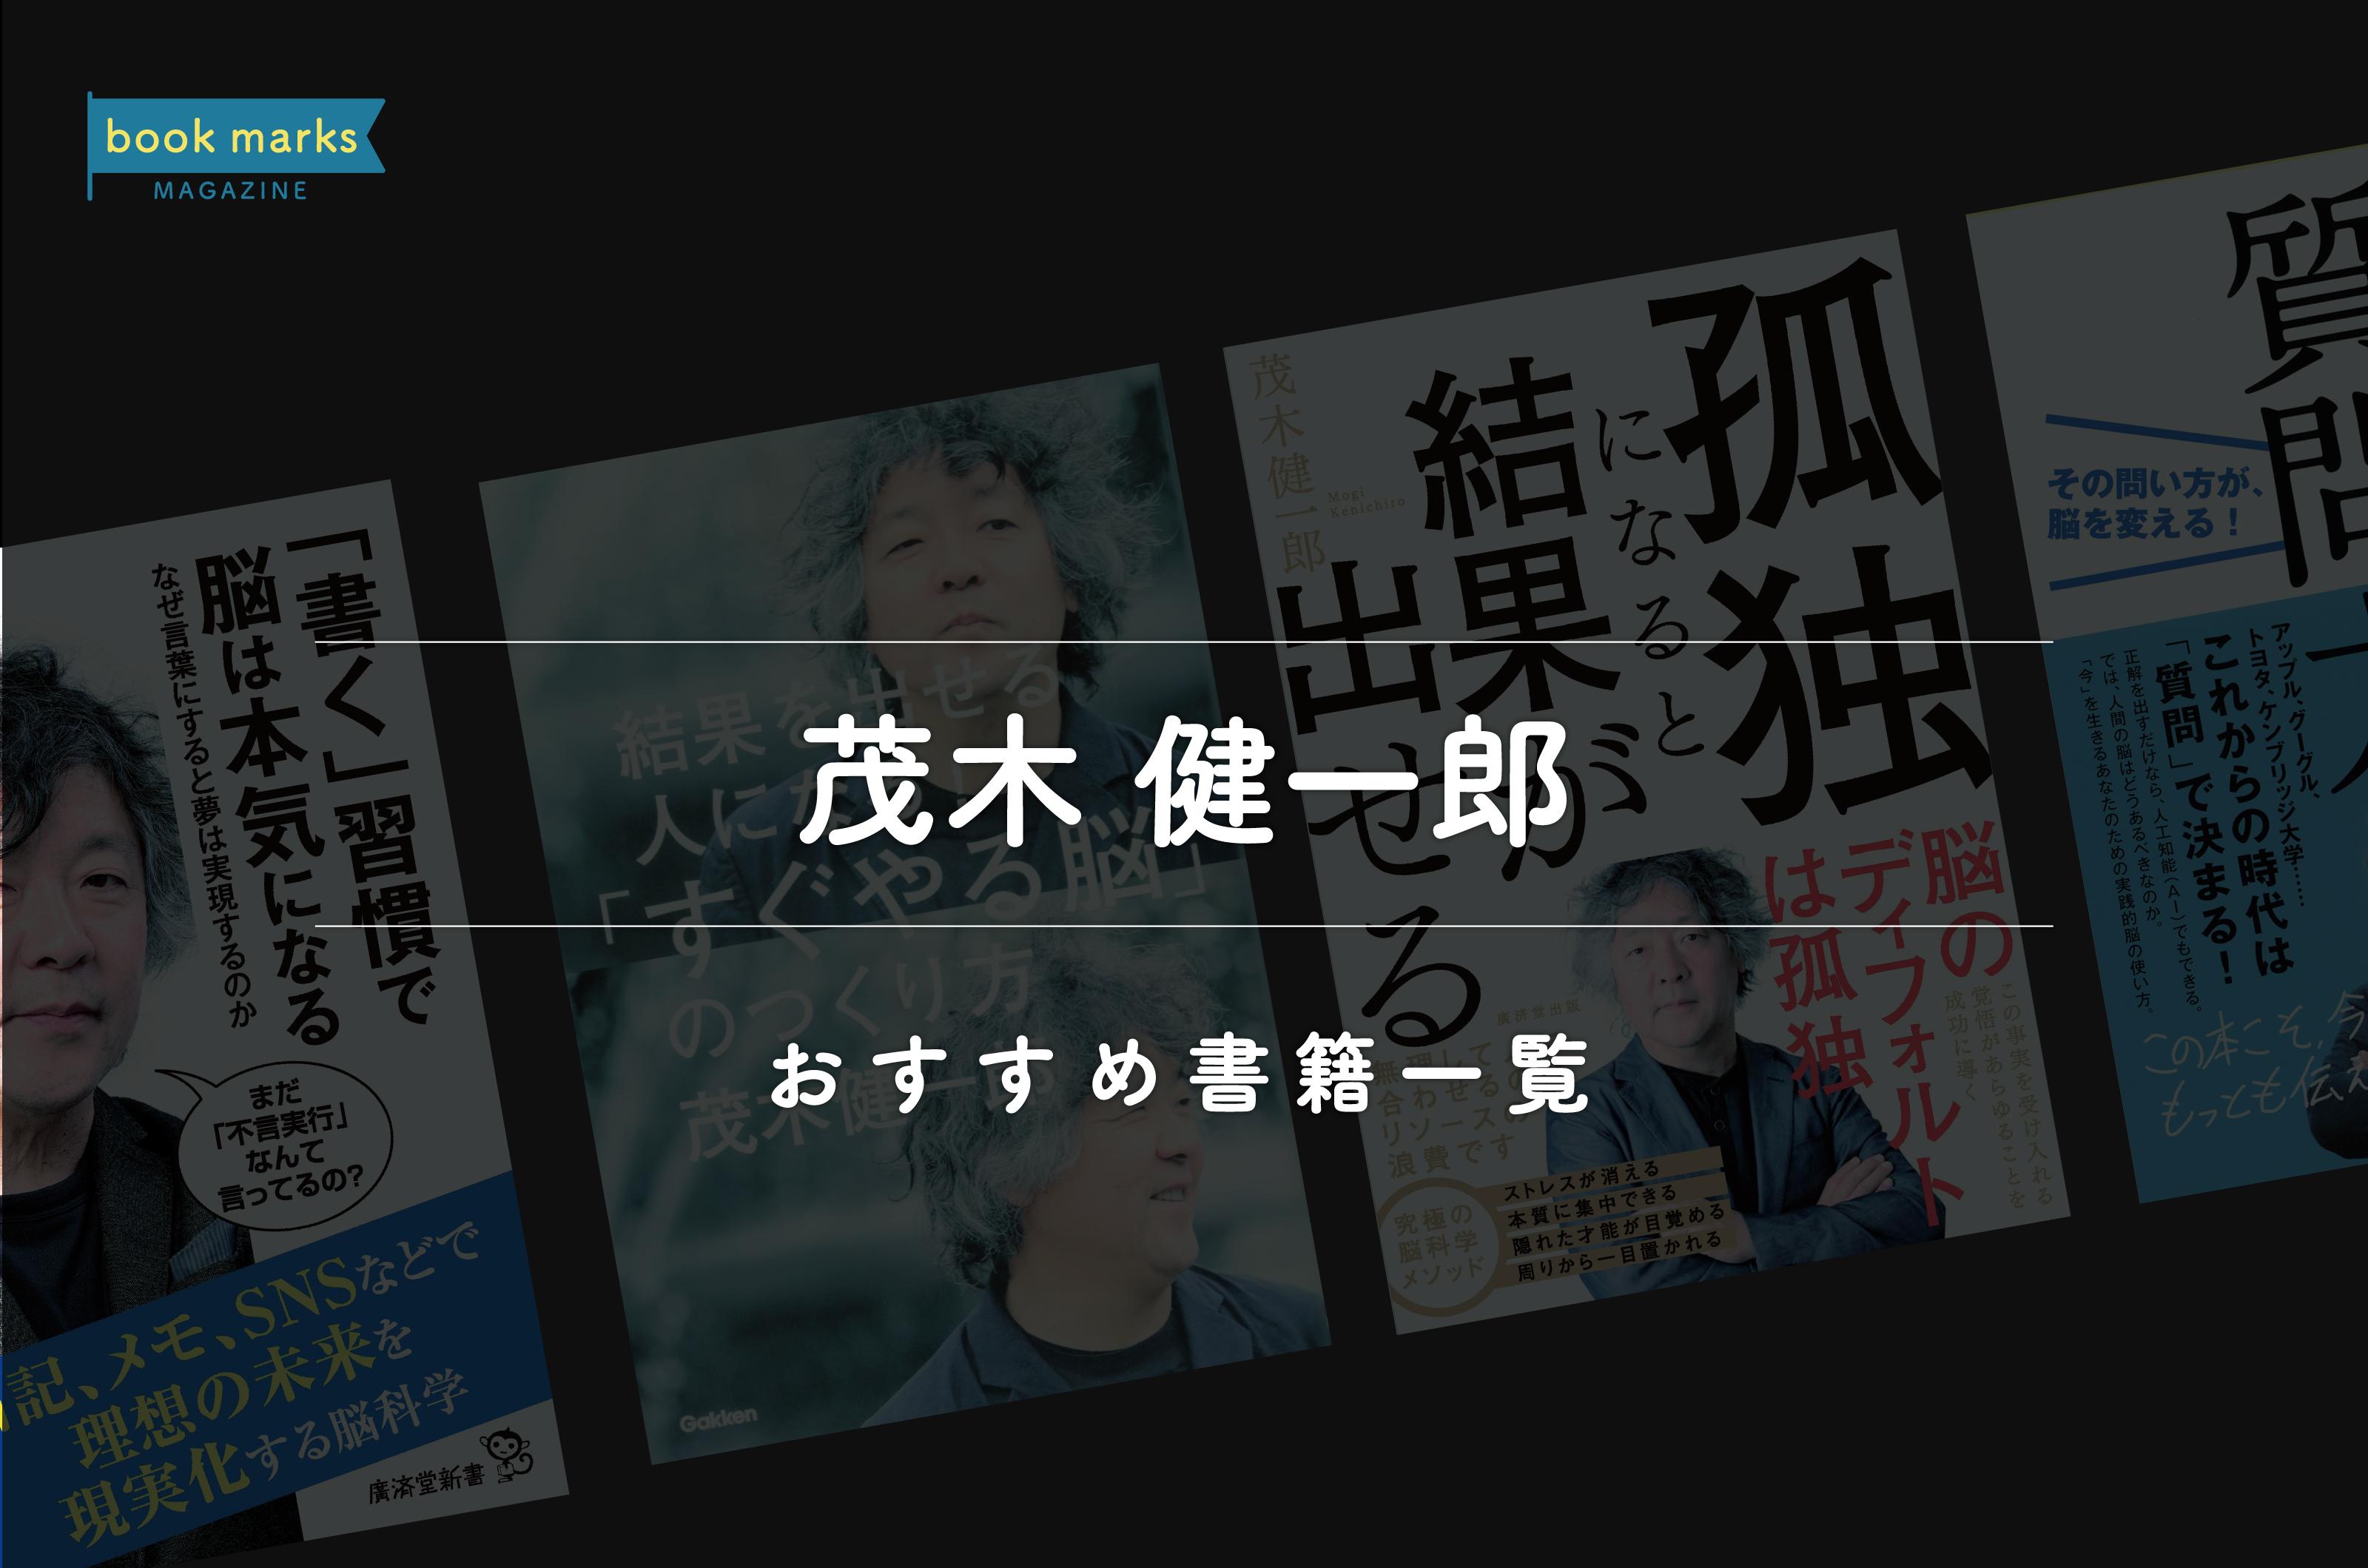 「茂木健一郎氏のおすすめ書籍一覧」のアイキャッチ画像